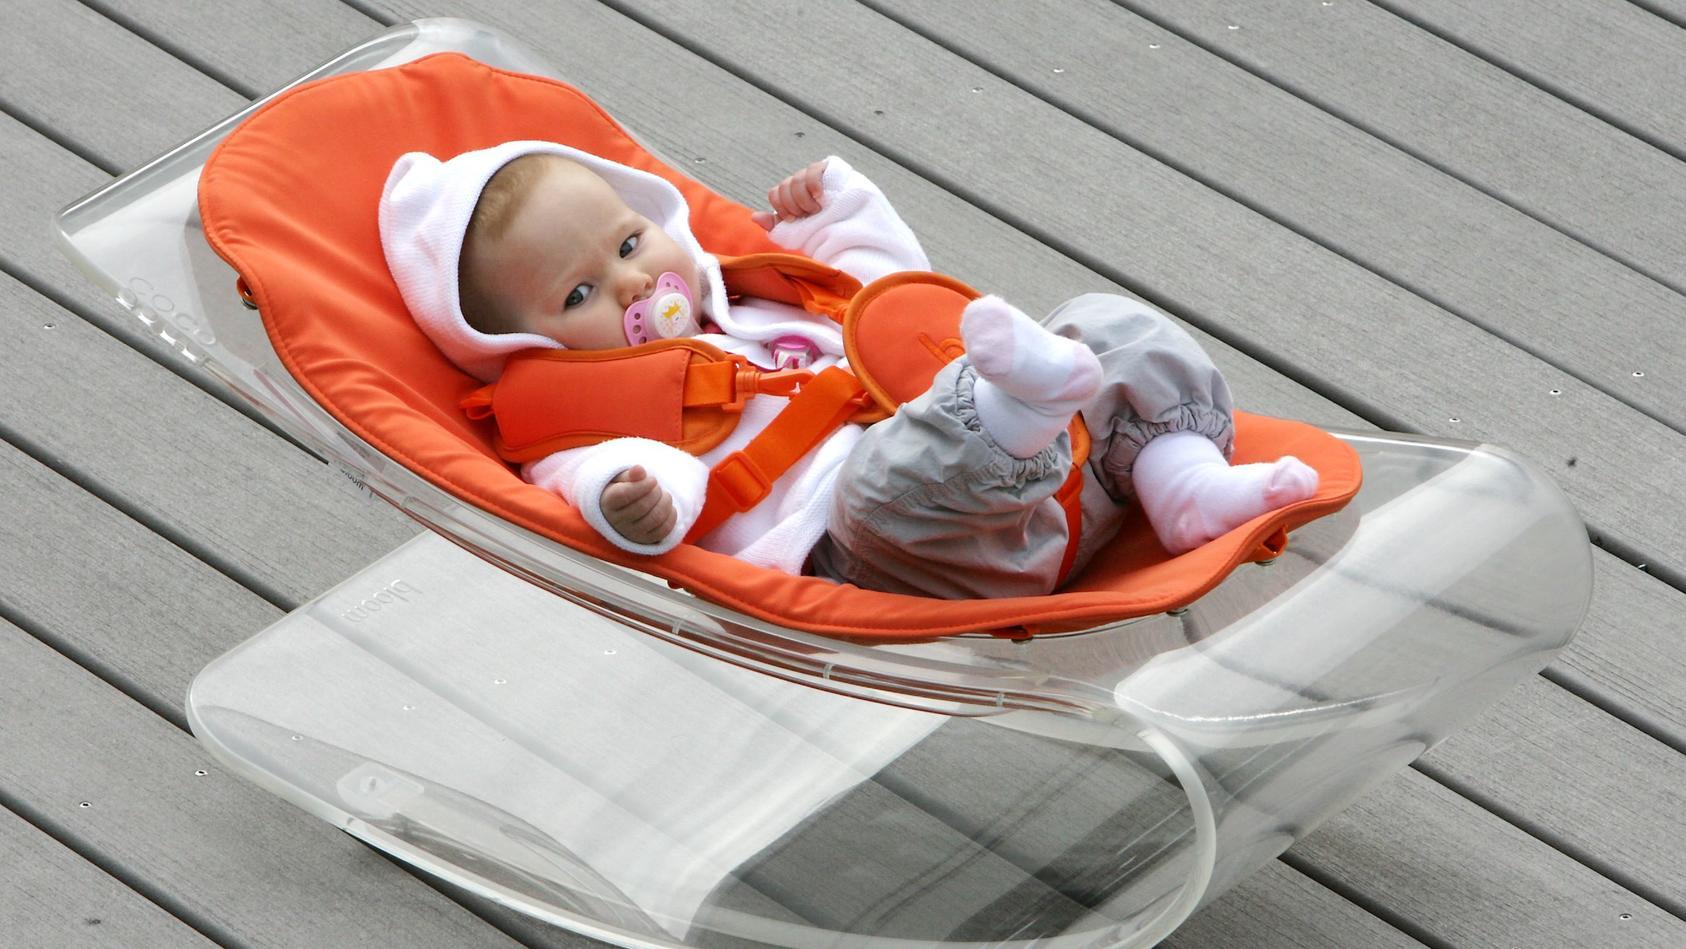 Eine Babywippe bietet dem Kind eine beruhigende Liege, mit der es aktiver am Familienalltag teilnehmen kann. ALle wichtigen Infos und Tipps rund um die nützliche Babyausstattung gibt es hier.